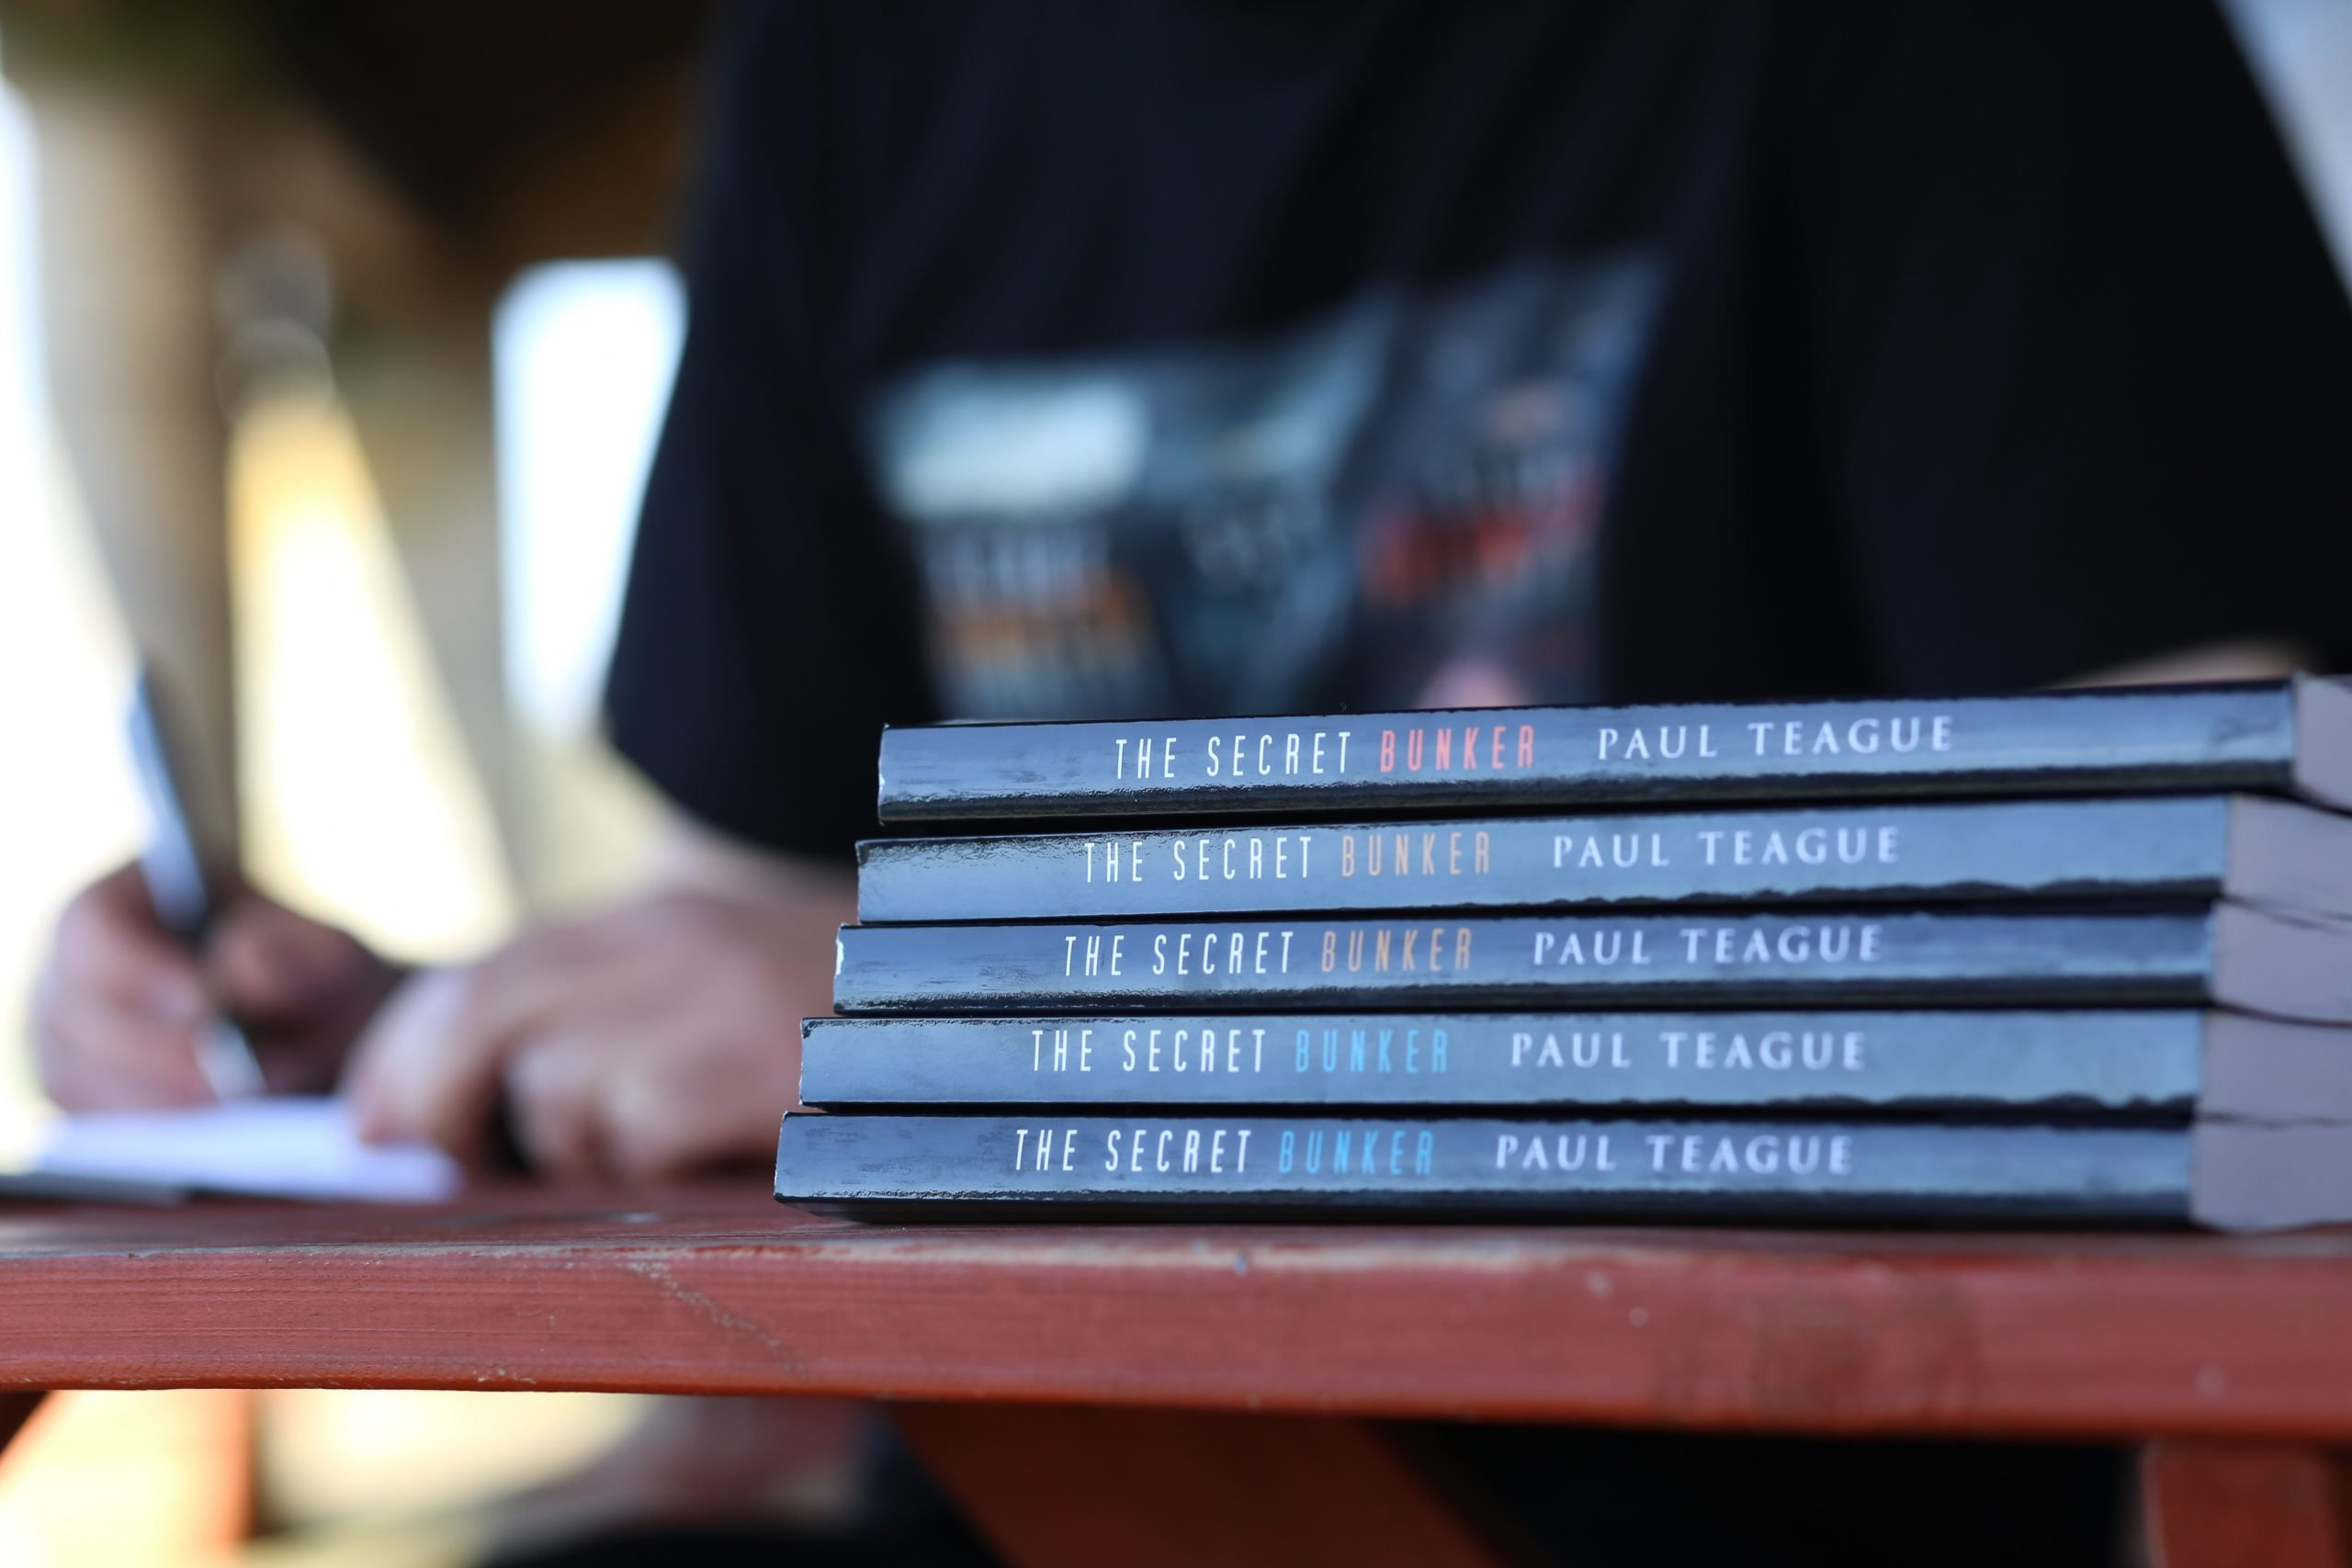 paul-teague-the-secret-bunker-signing9 - Copy